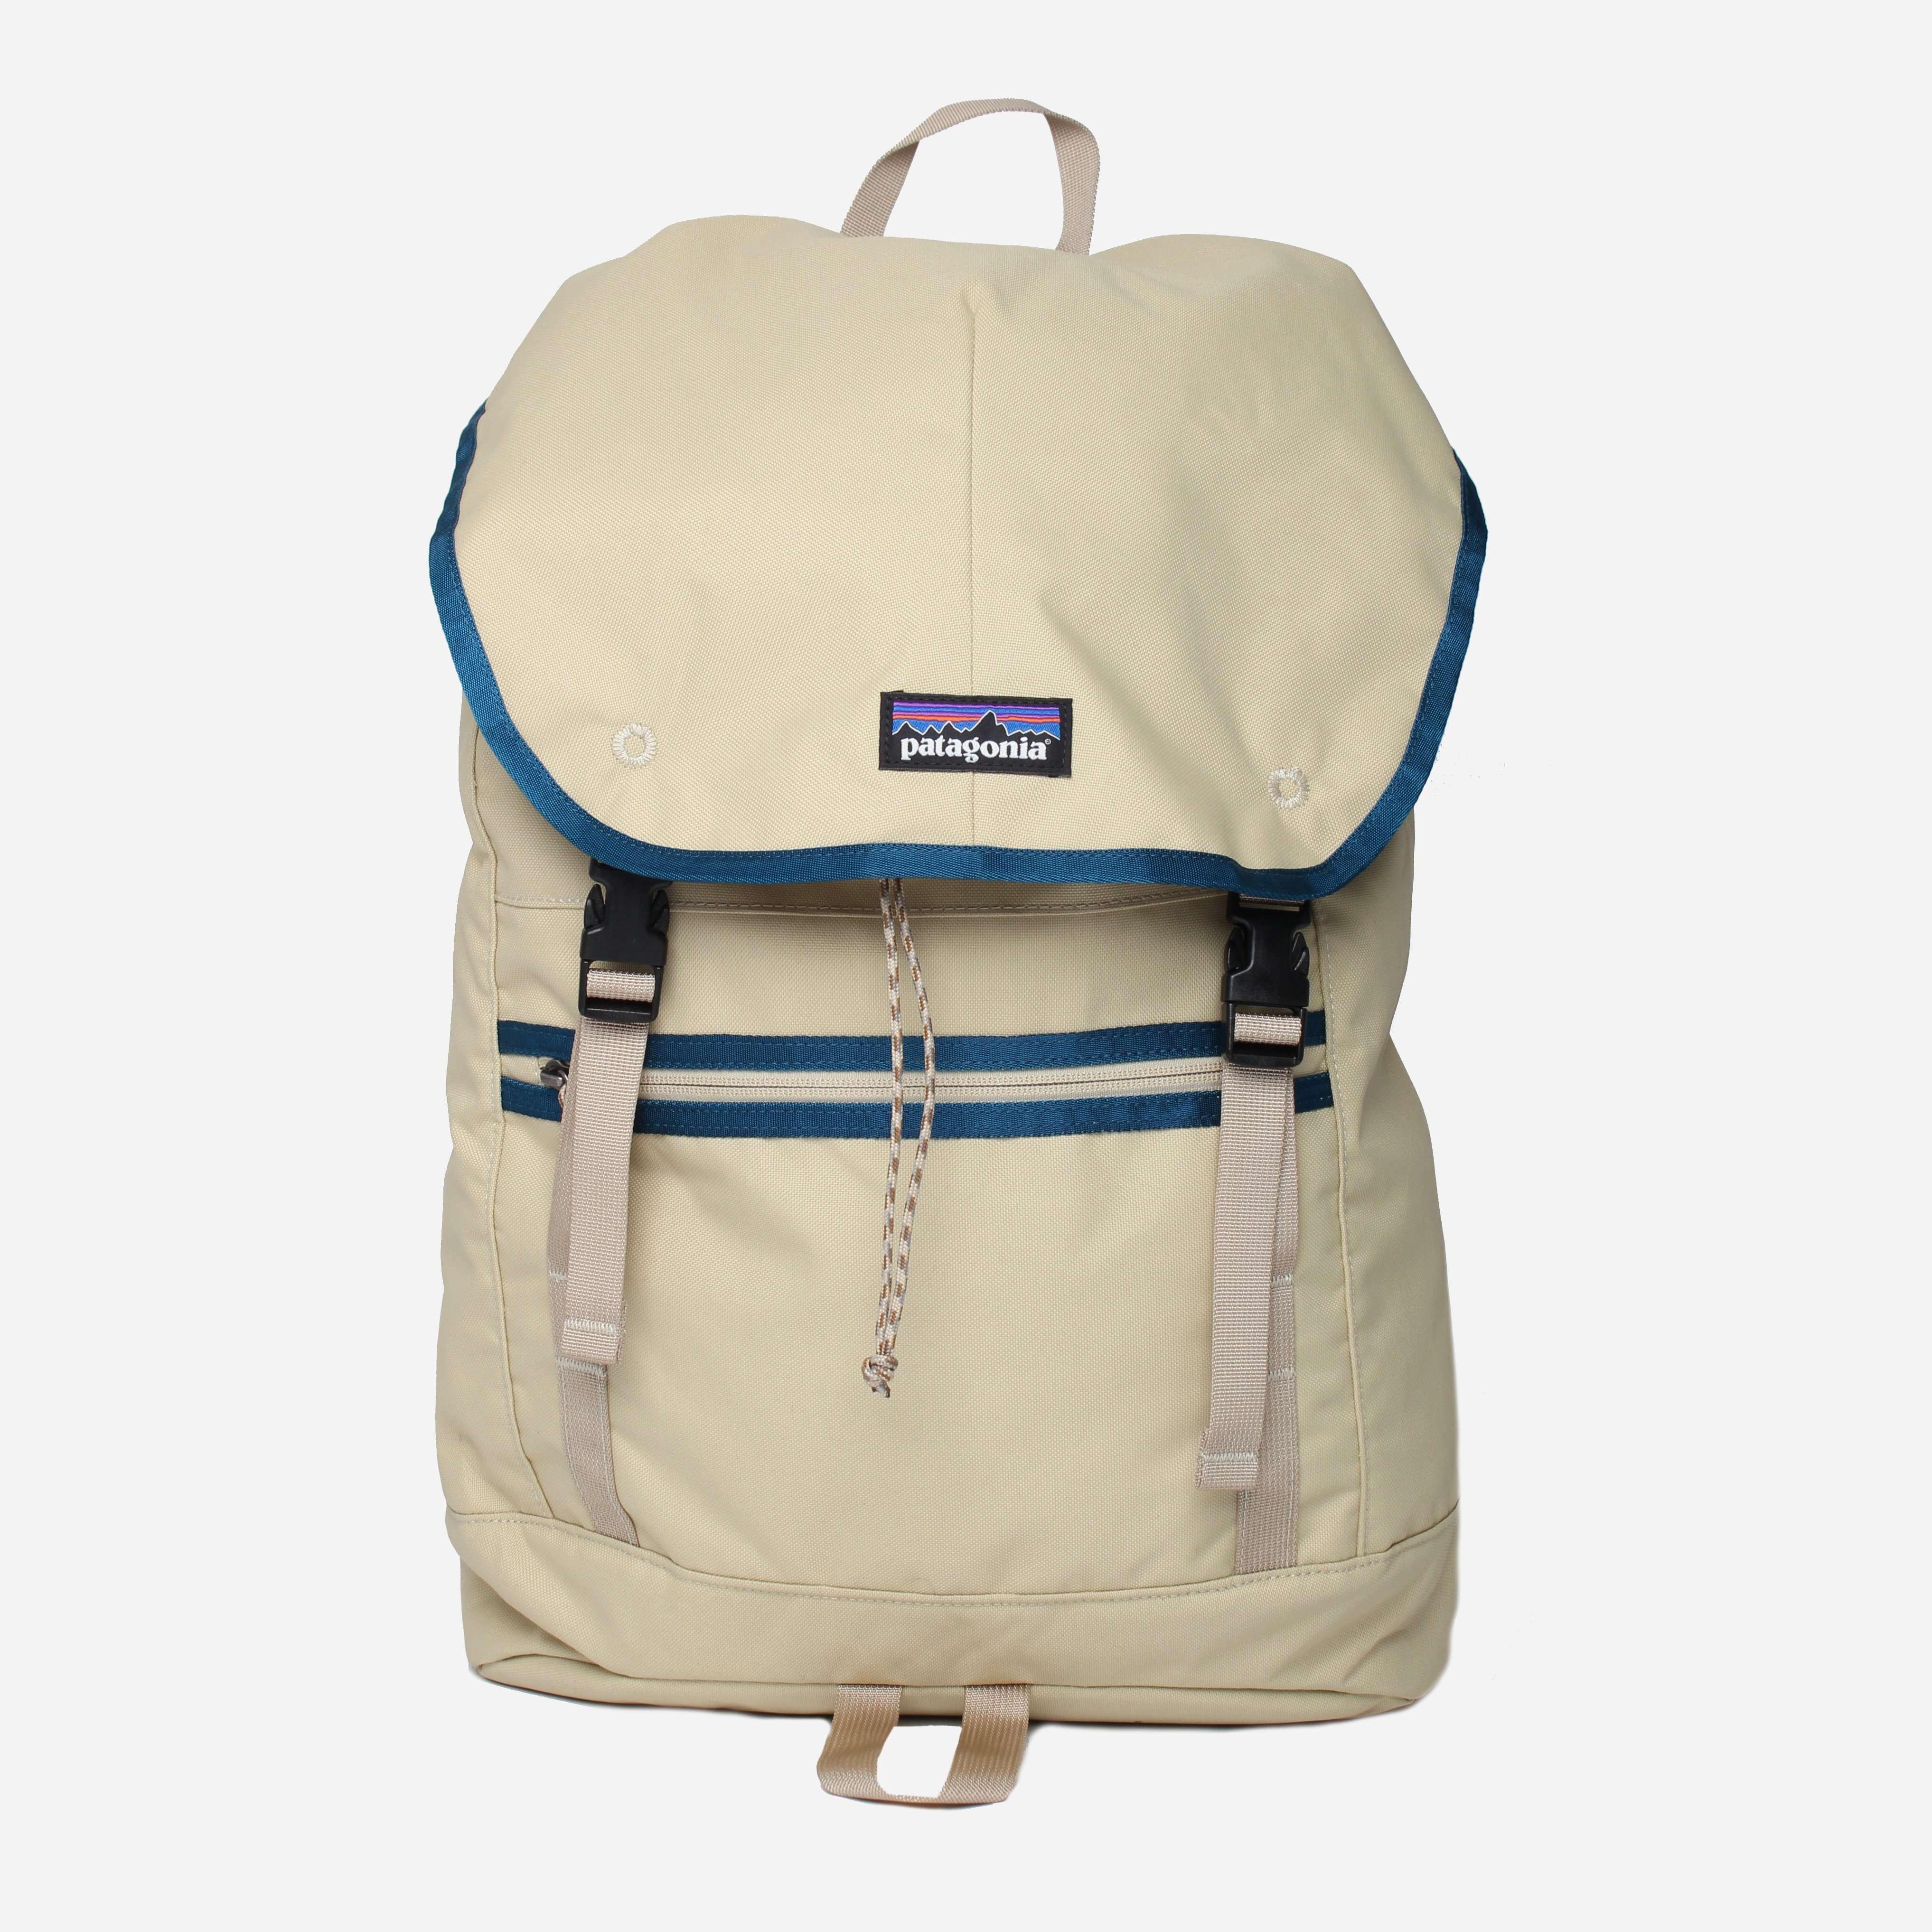 Patagonia Arbor Classic Backpack 25L